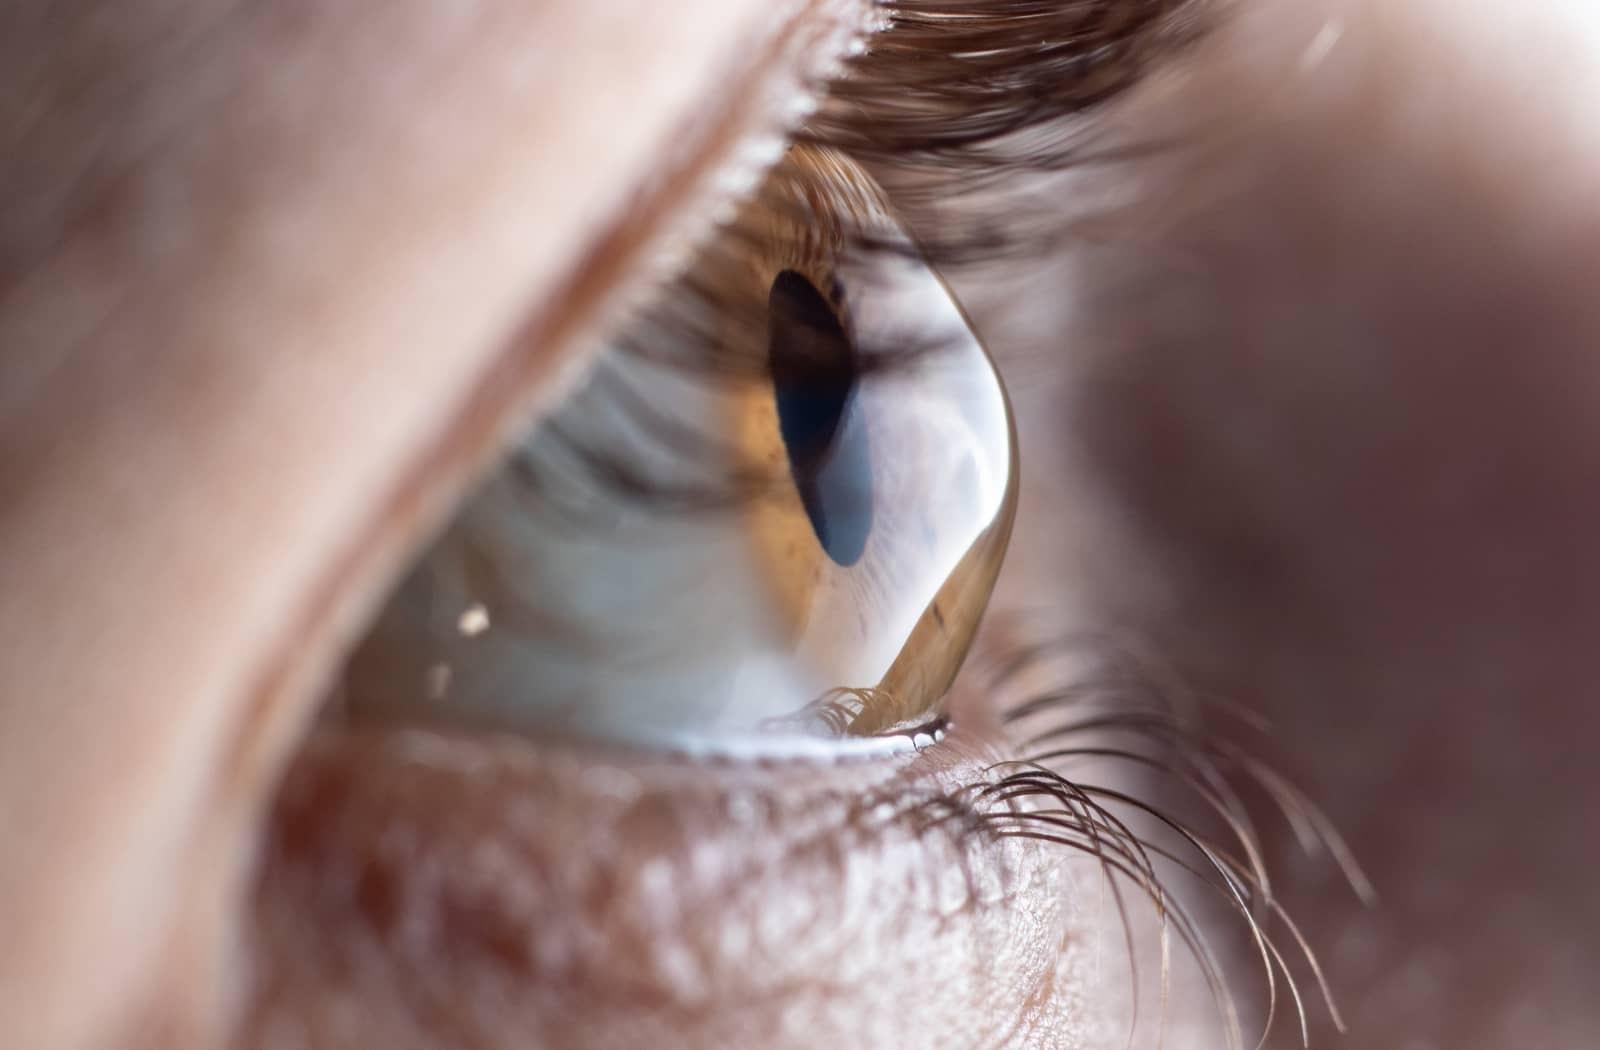 A common cornea condition is keratoconus